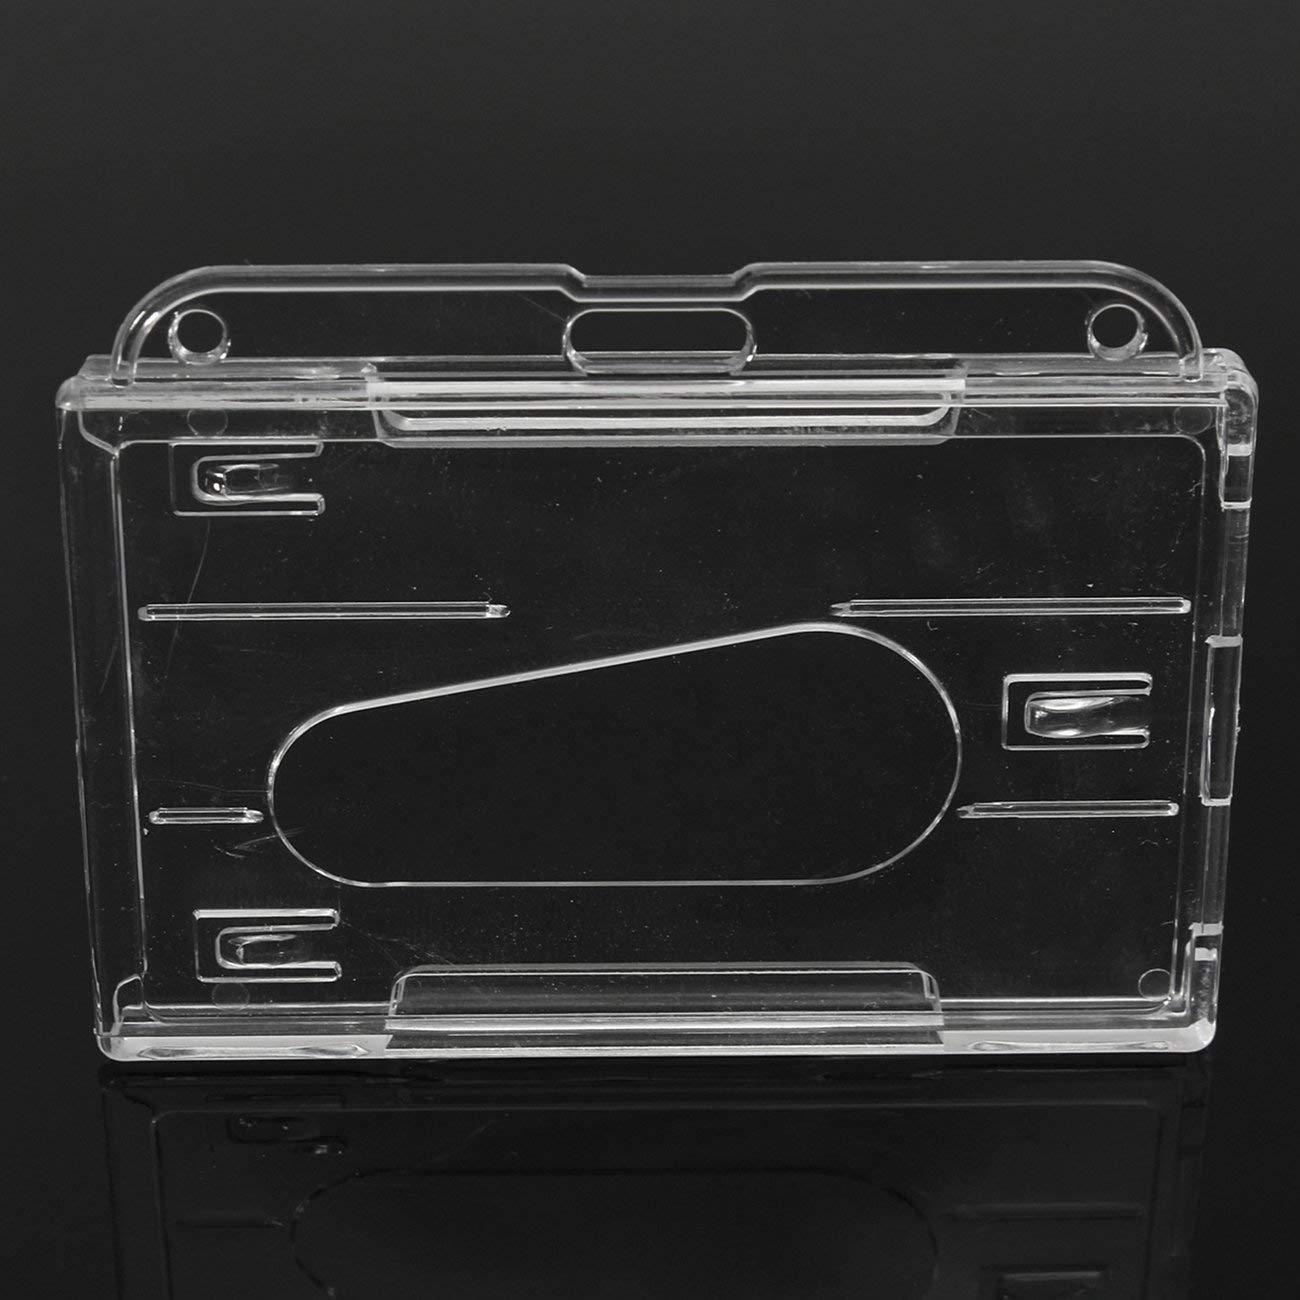 Elviray 3Pcs Porta Carte di Credito a Doppia Faccia in plastica Rigida Trasparente ID Orizzontale Porta Badge Porta Carte Facile Accesso Thumb Notch